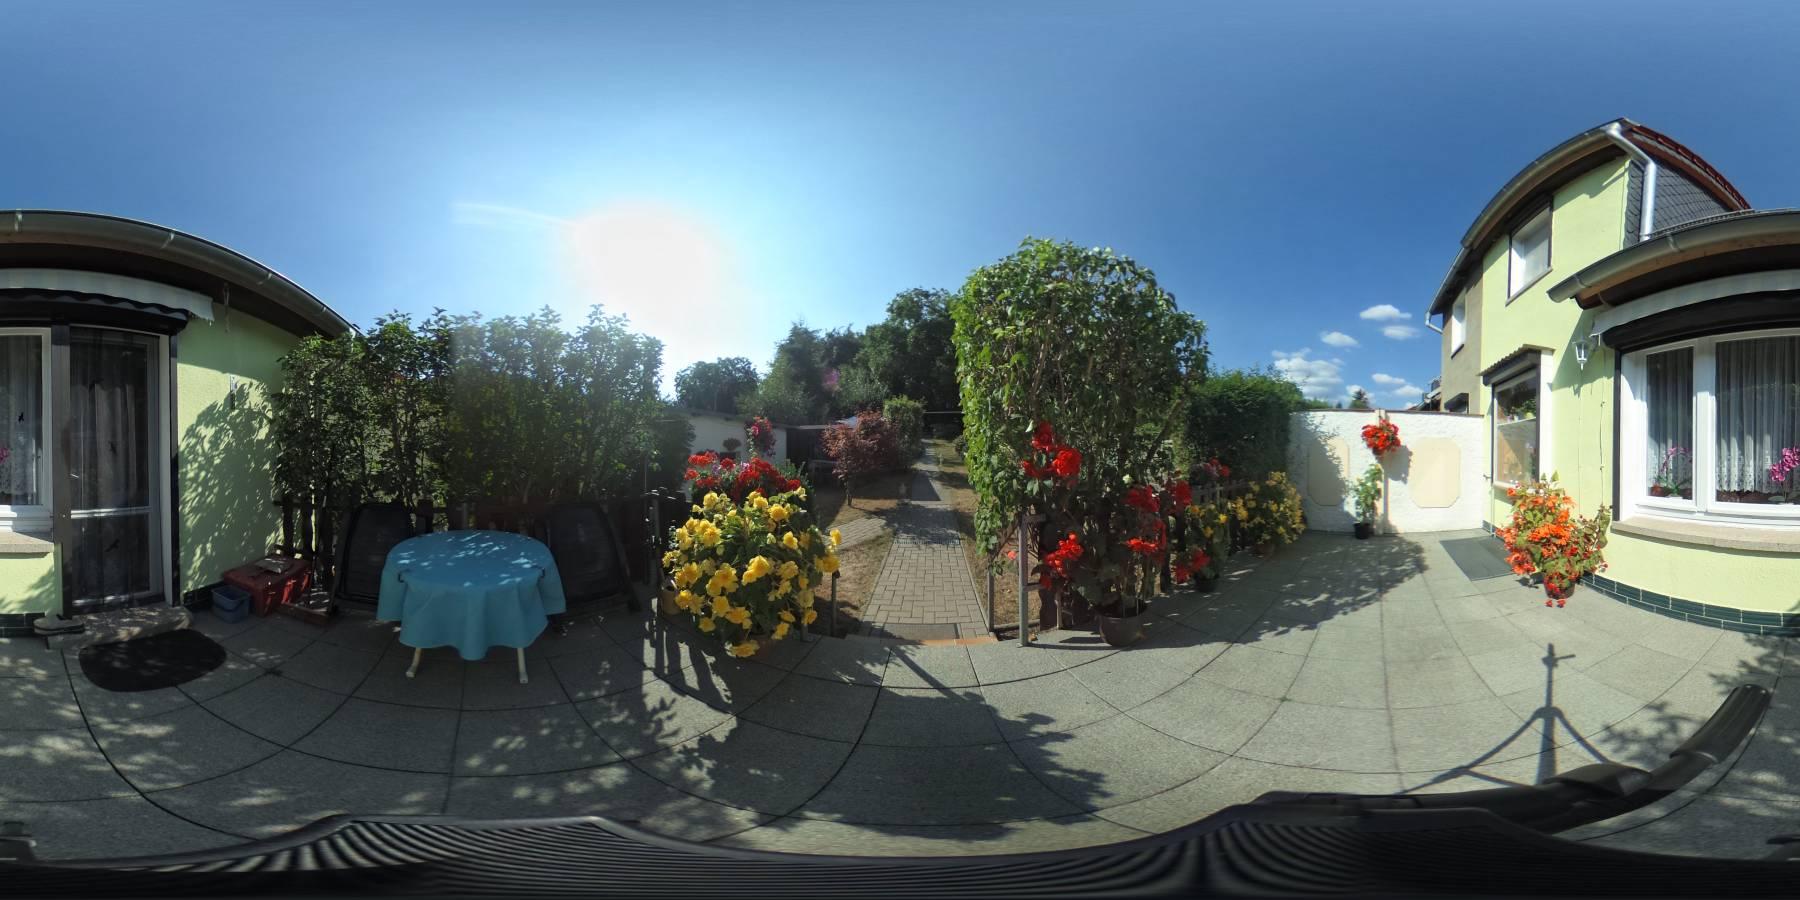 VERKAUFT - Gepflegte Doppelhaushälfte mit Garage in Hasserode 360 Grad